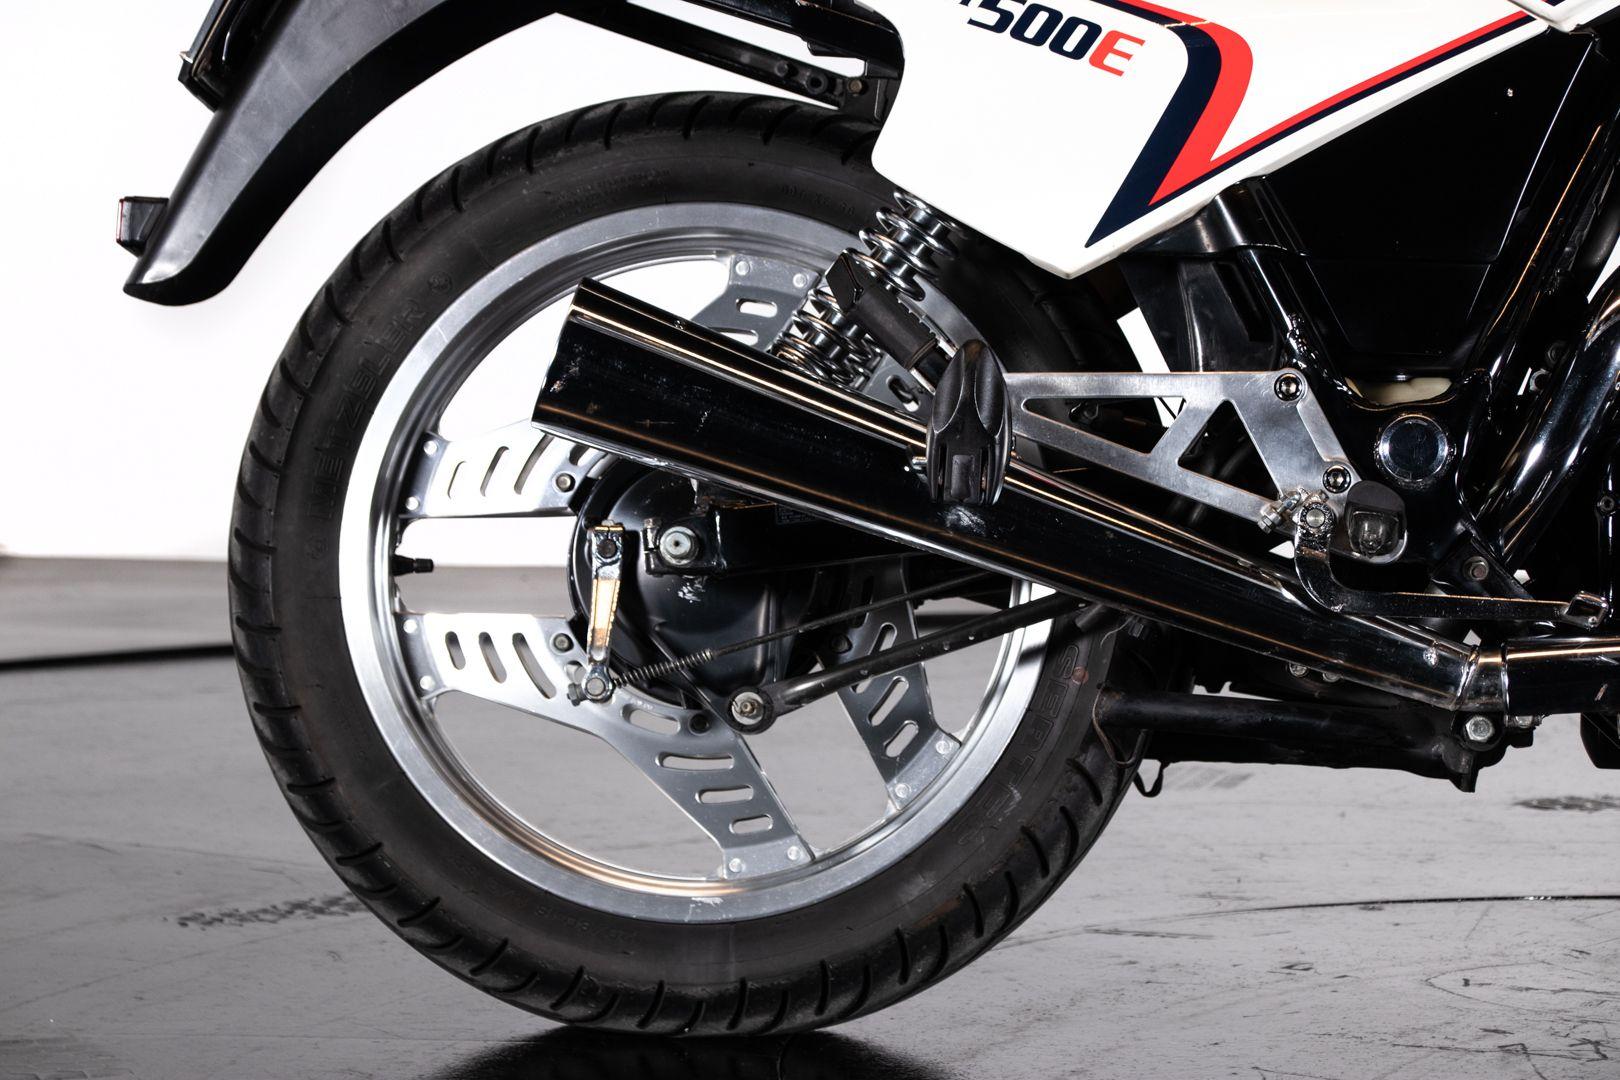 1985 Honda VT 500 63441